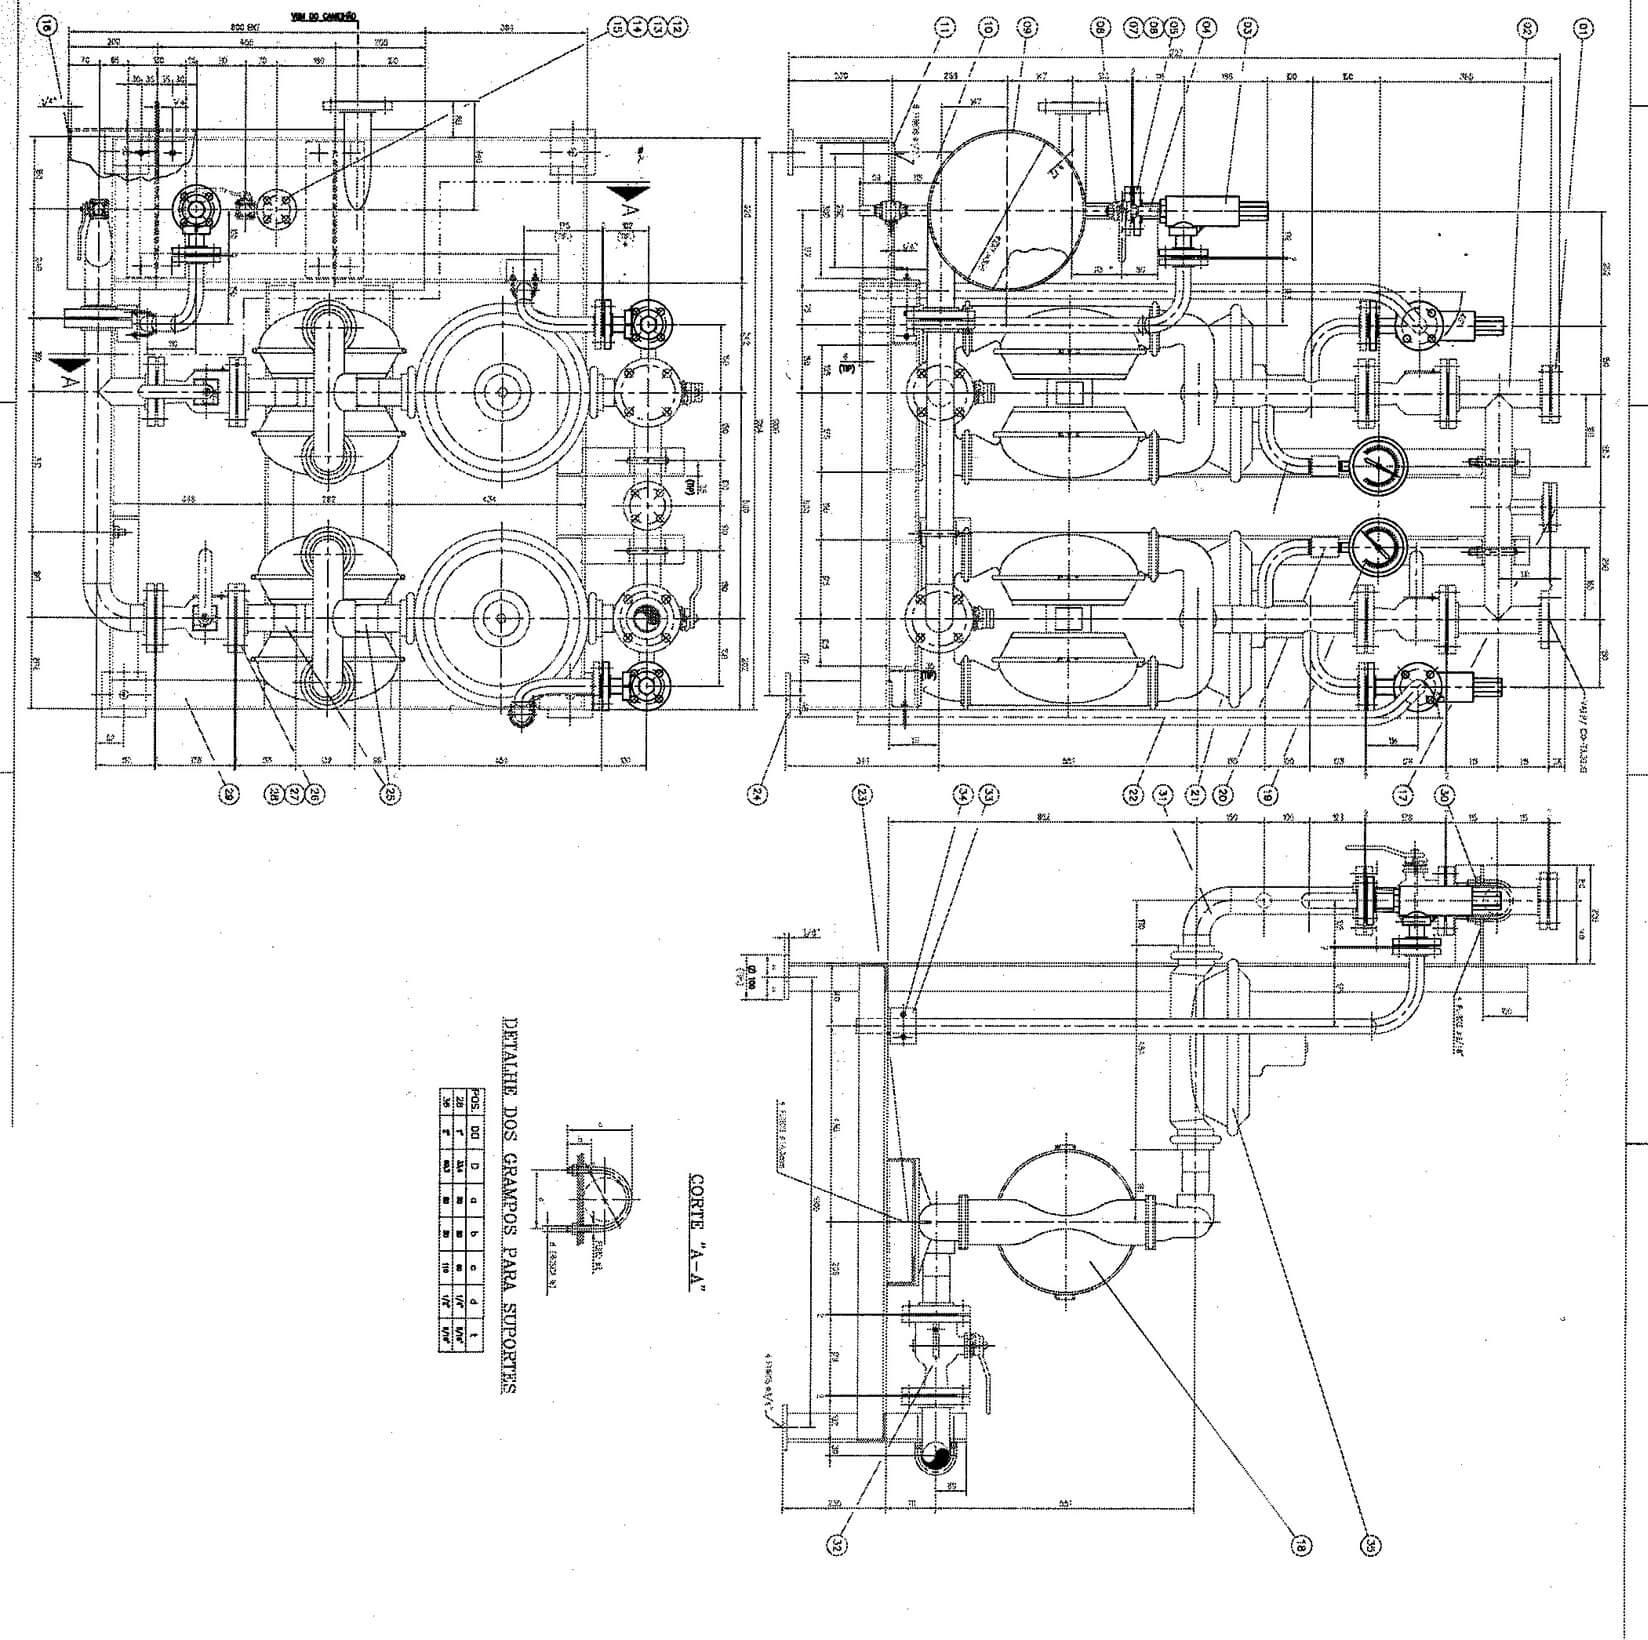 filtration plant process flow diagram